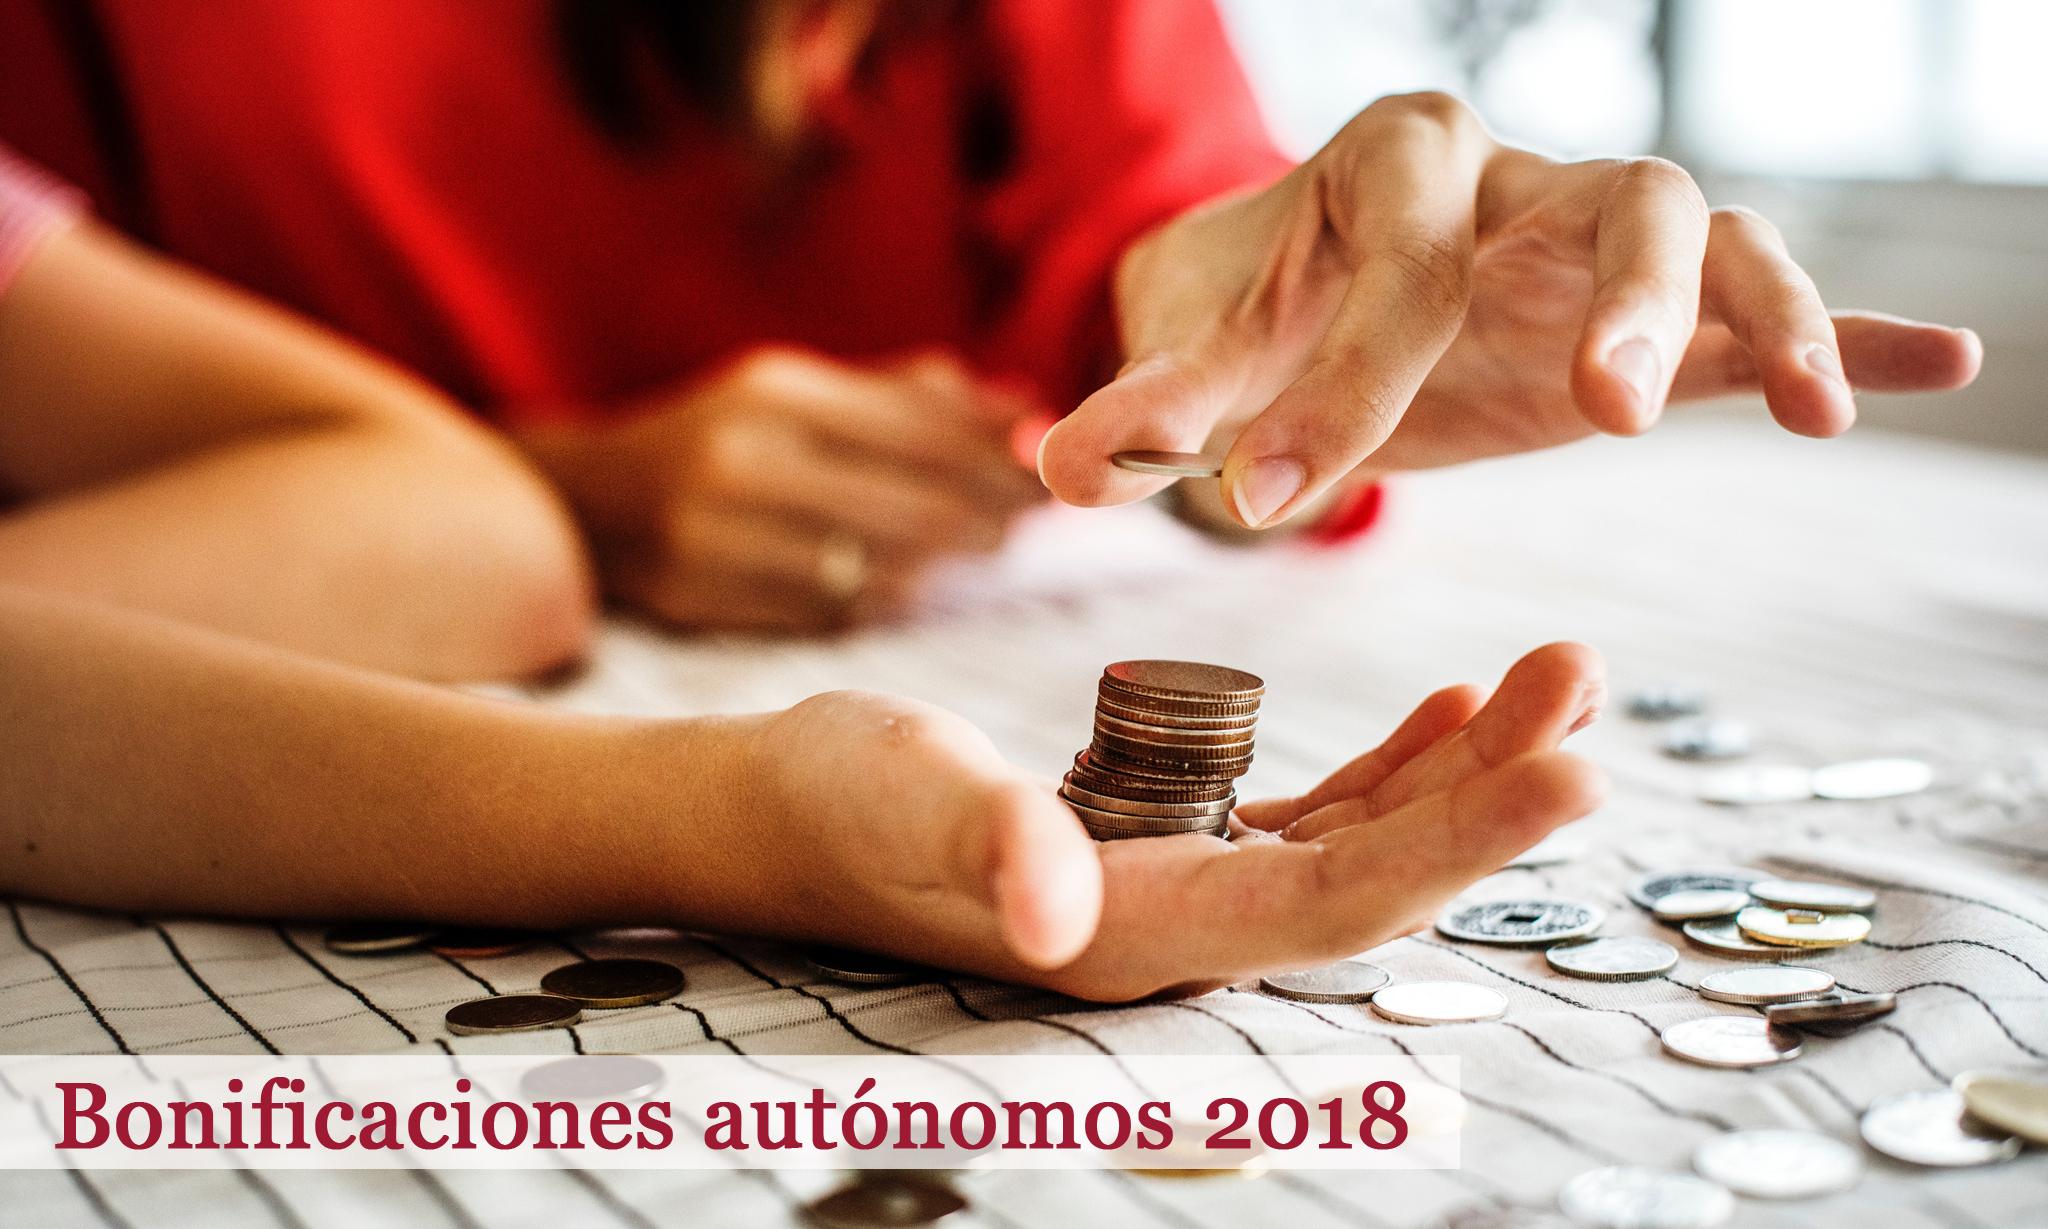 Bonificaciones Autónomos 2018